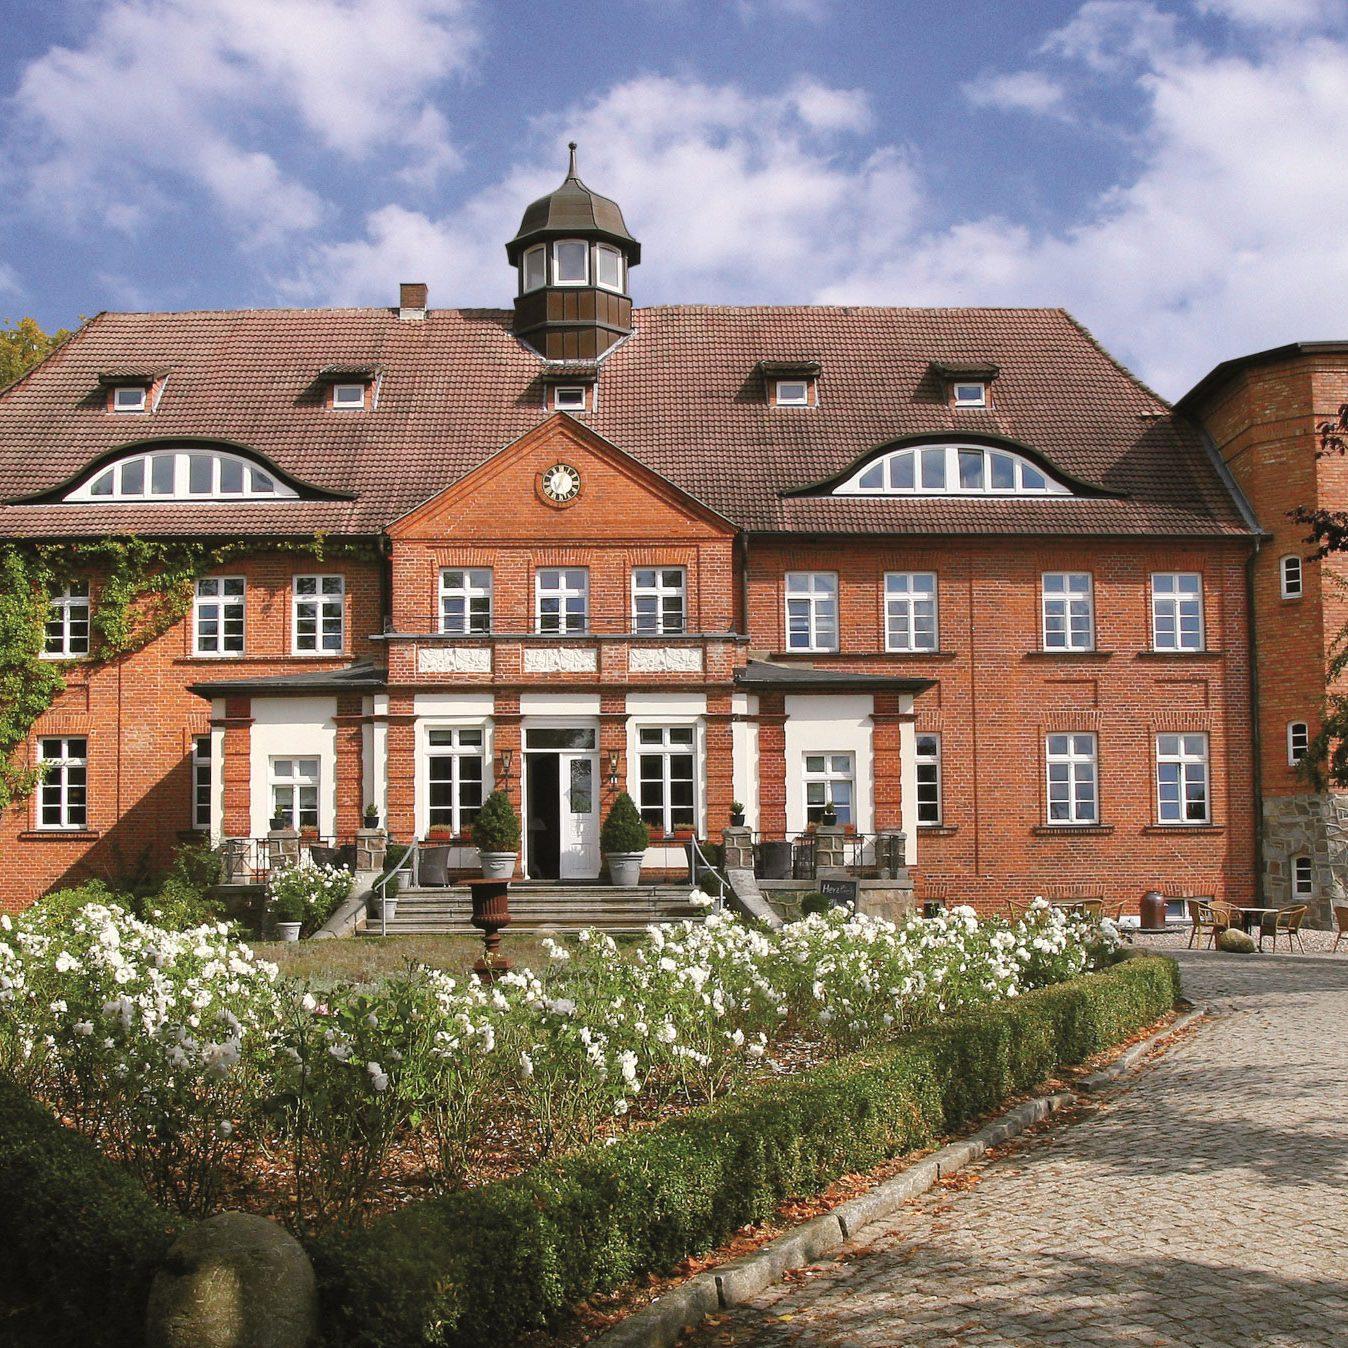 Schloss Basthorst Außenansicht.Bild_PR_Schloss_Basthorst.jpg